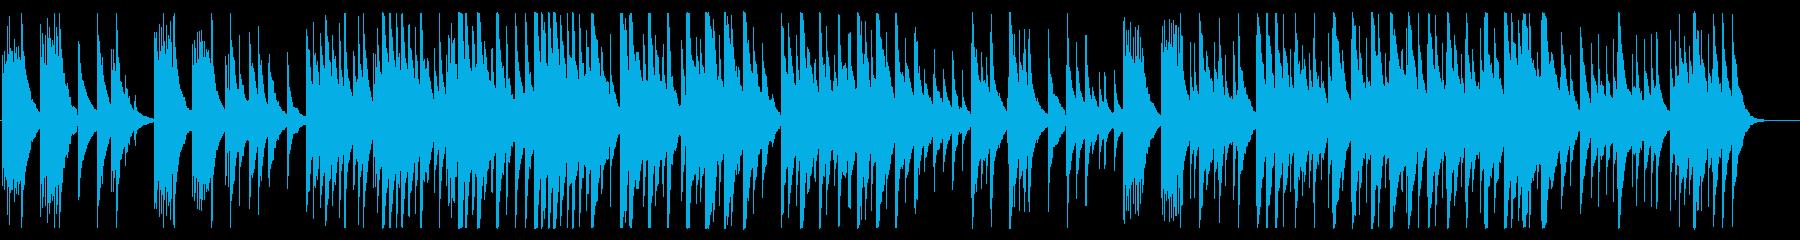 少し切なめな雰囲気のアコギ曲の再生済みの波形